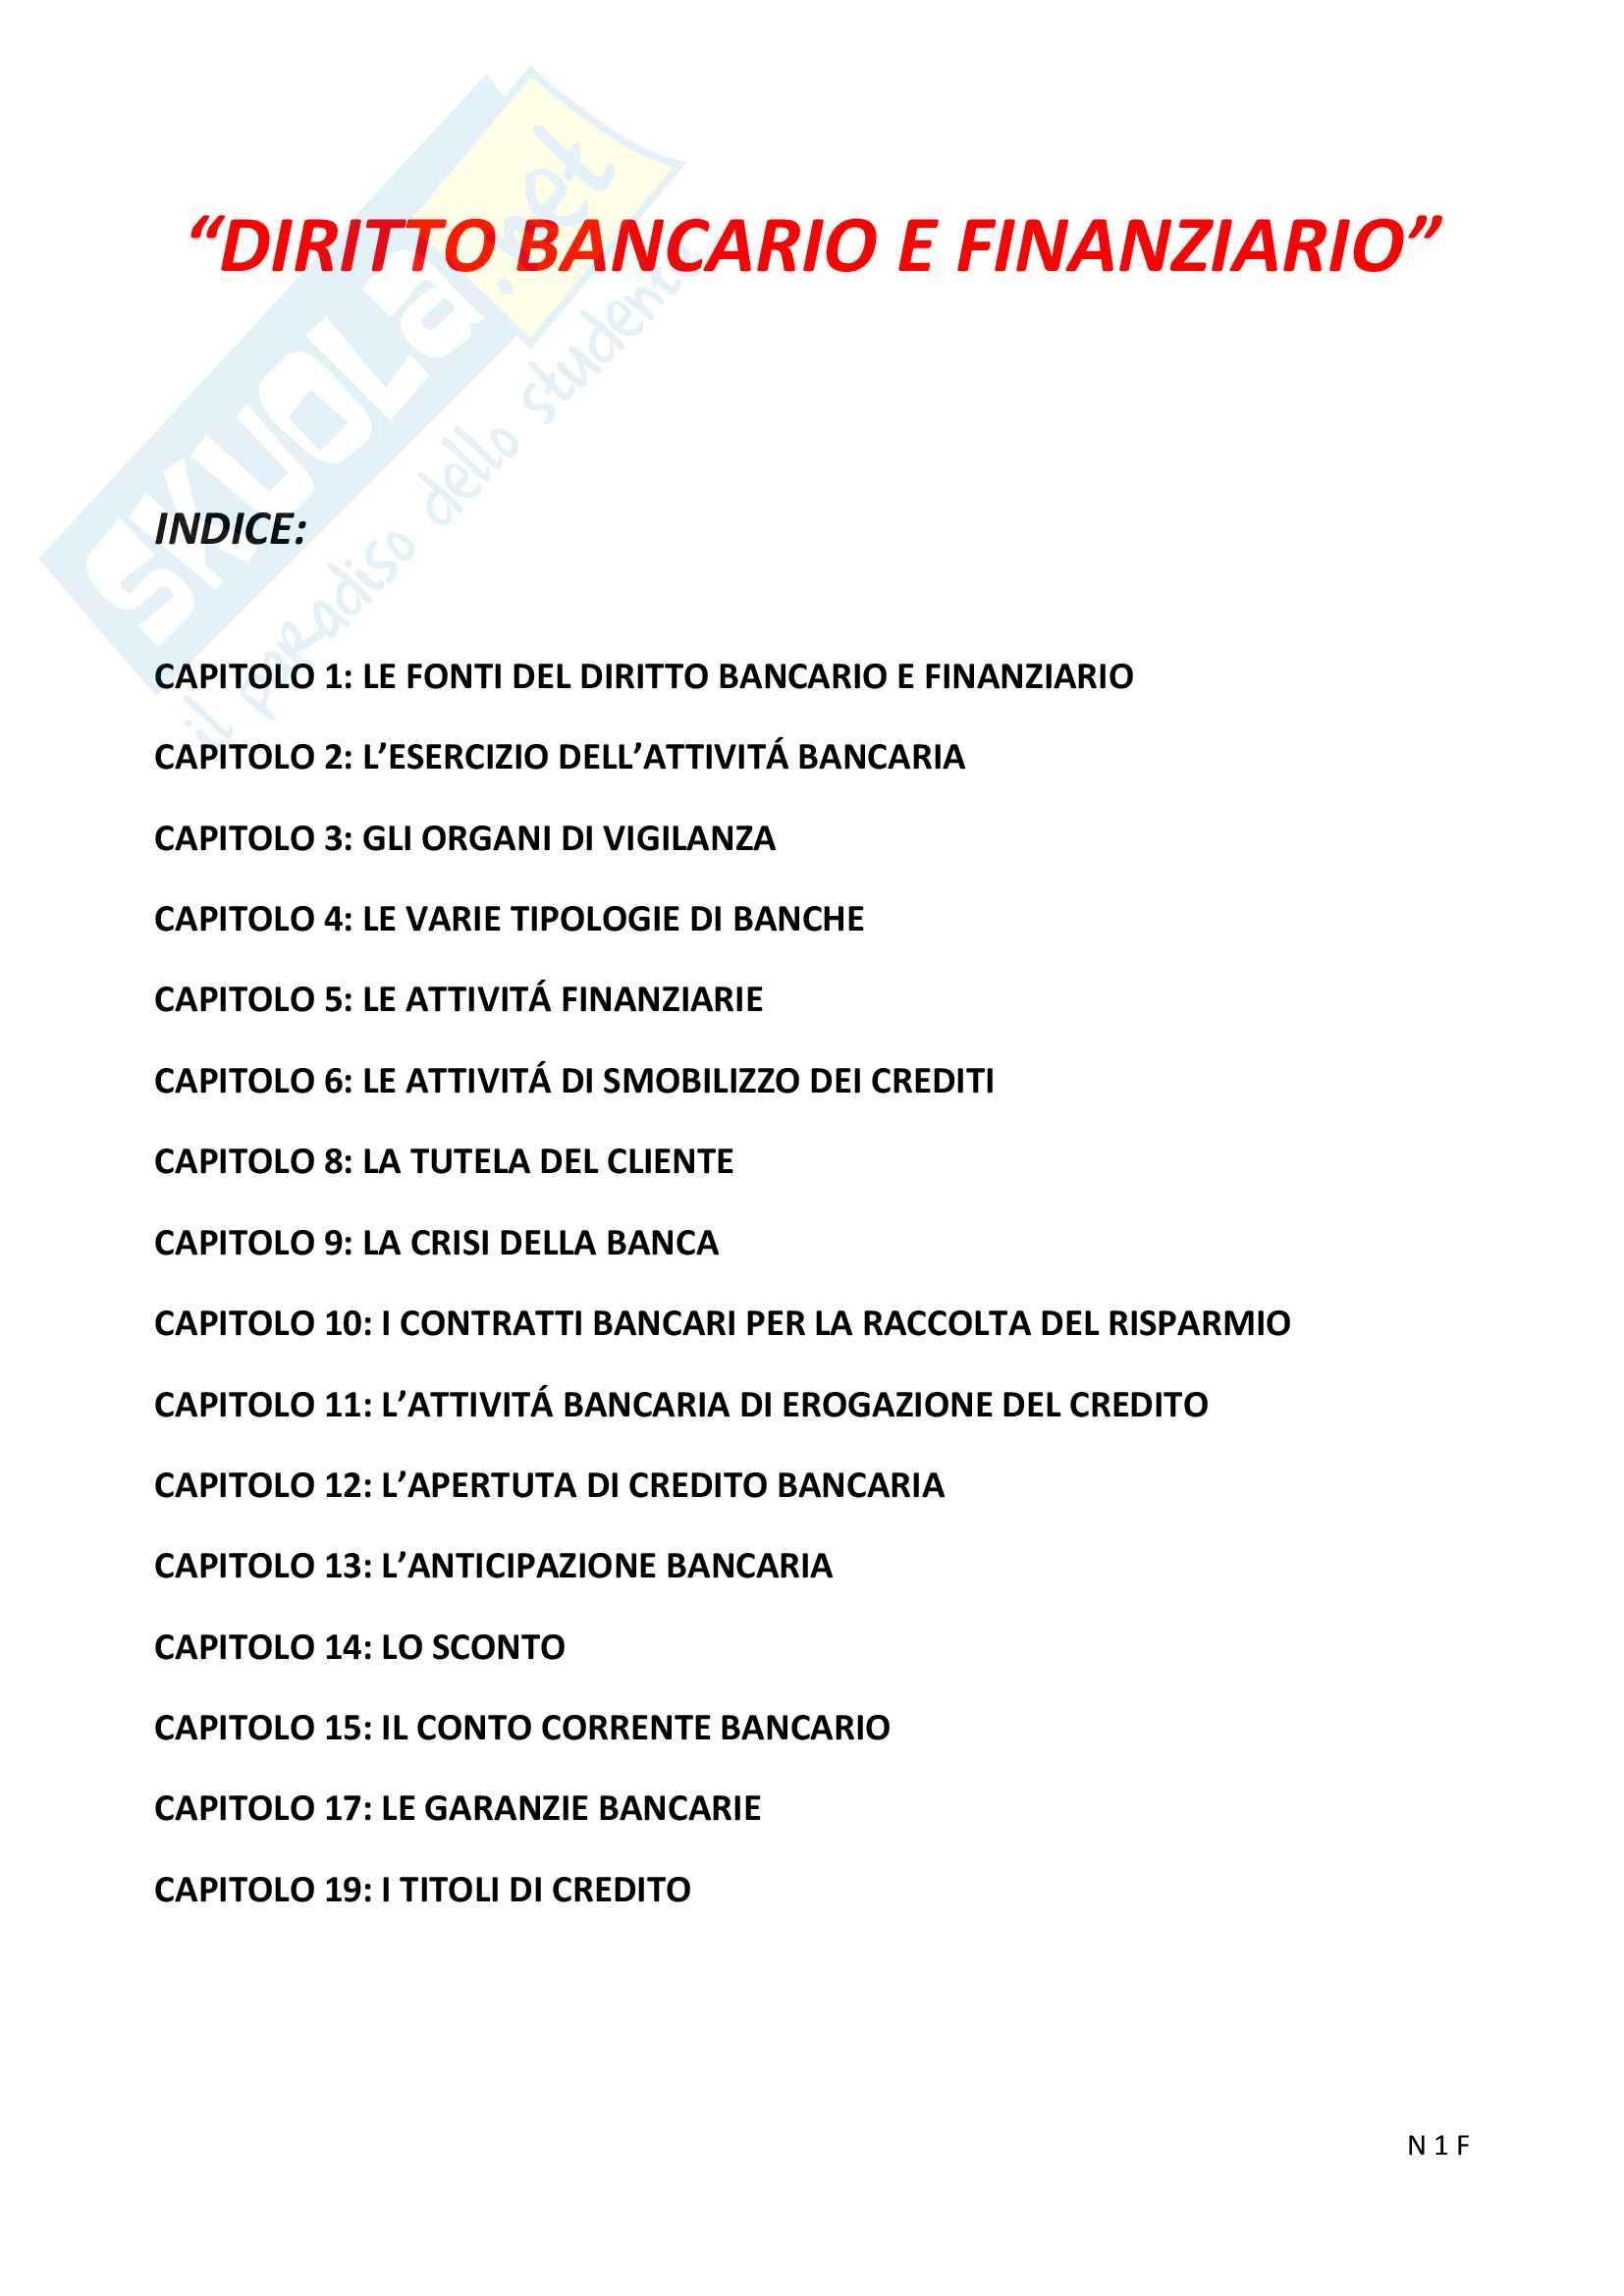 """Riassunto esame Diritto Bancario e Finanziario, prof.  Ciraolo, Libro consigliato """"Diritto Bancario e Finanziario"""", Giuffrè, quarta edizione."""